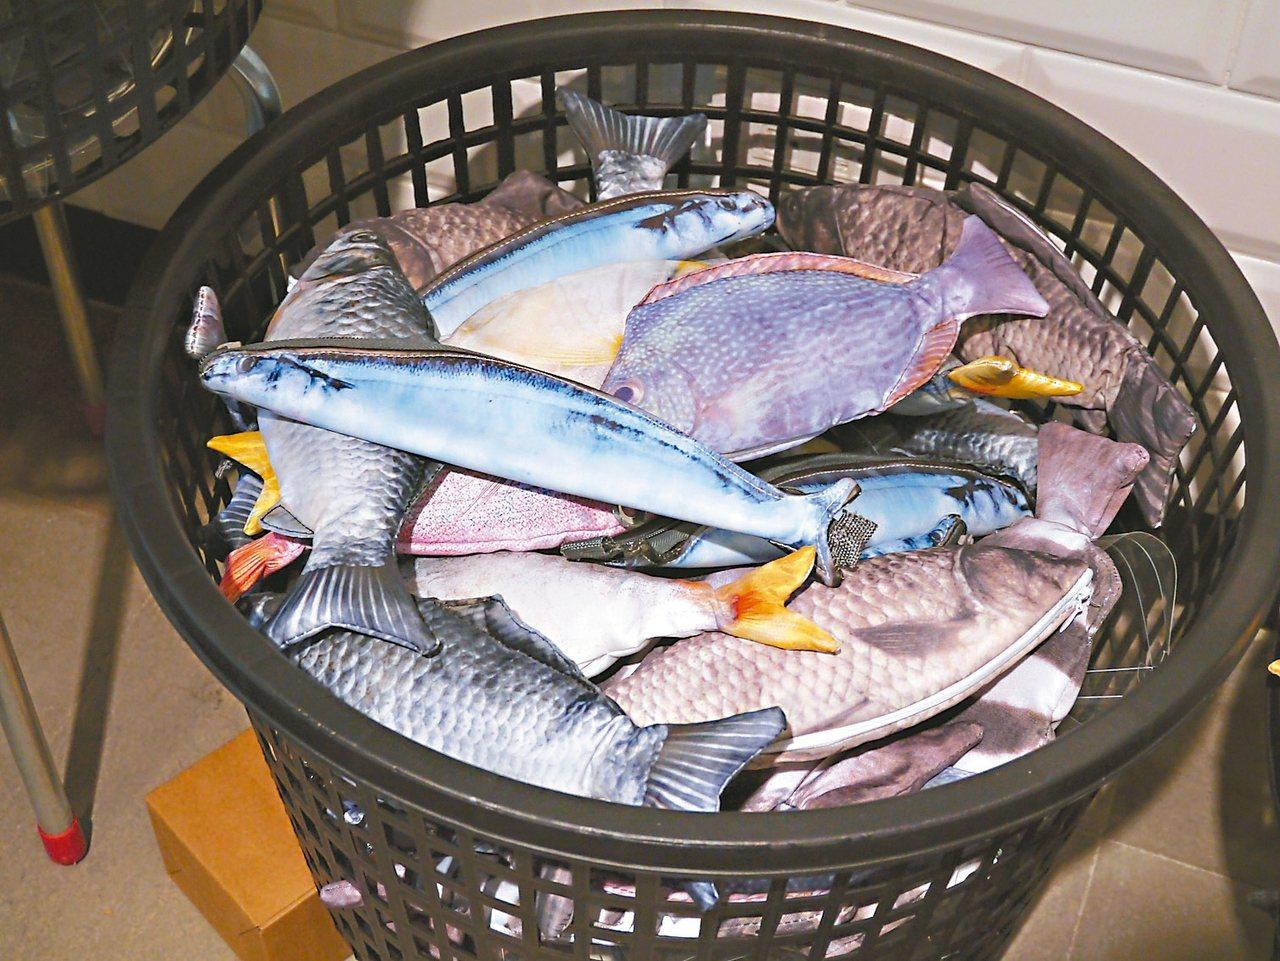 竹簍裡的魚,是筆袋。 記者羅建怡/攝影